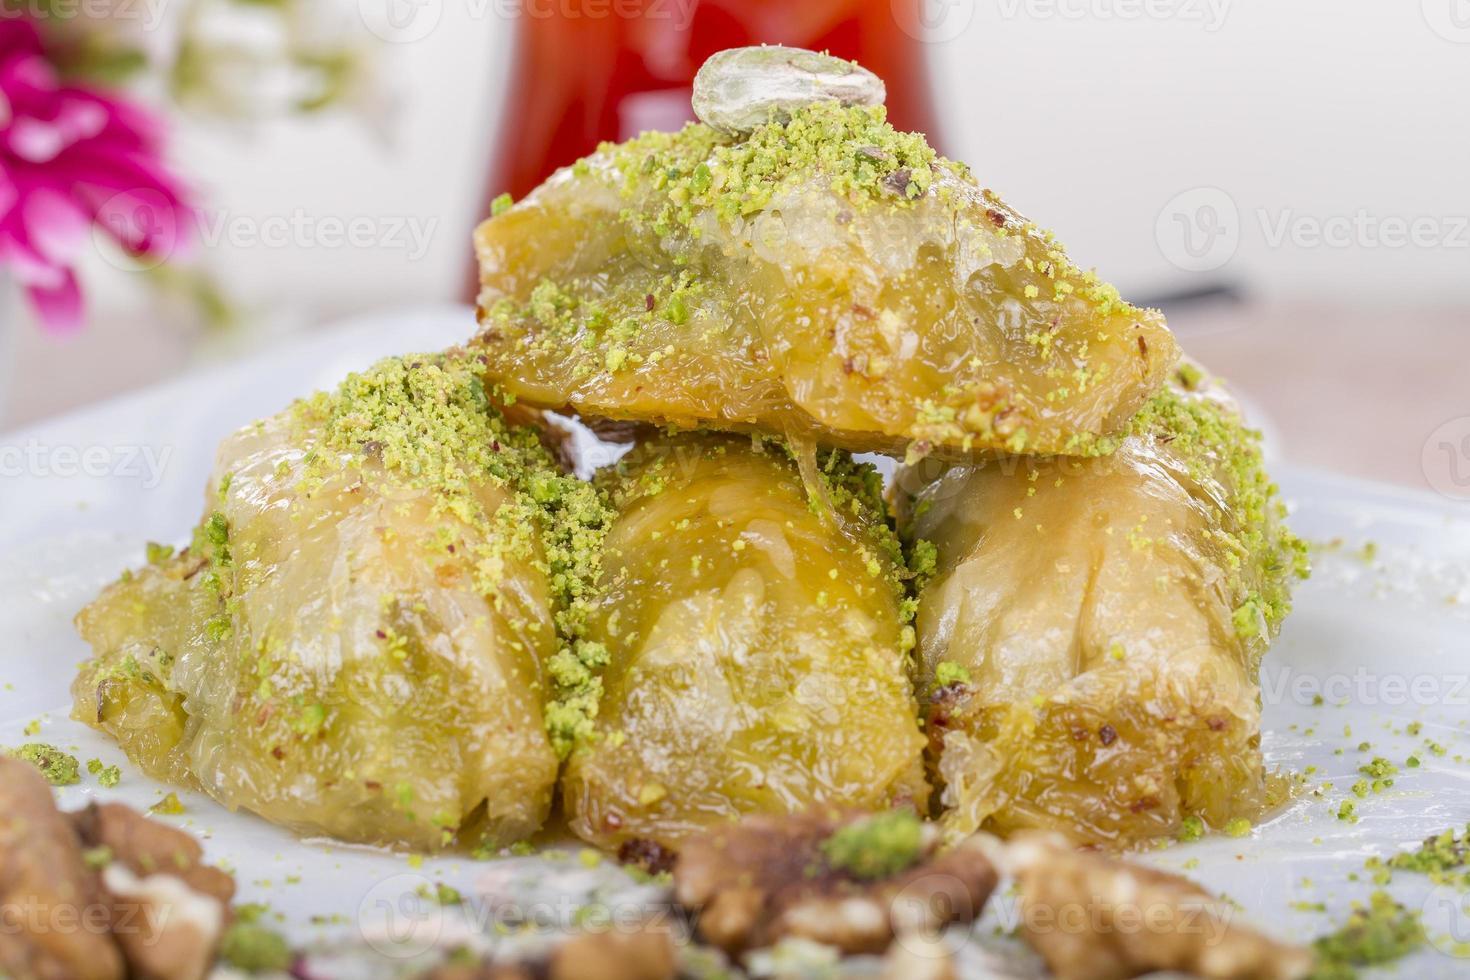 dessert arabe turc traditionnel - baklava au miel et aux noix photo